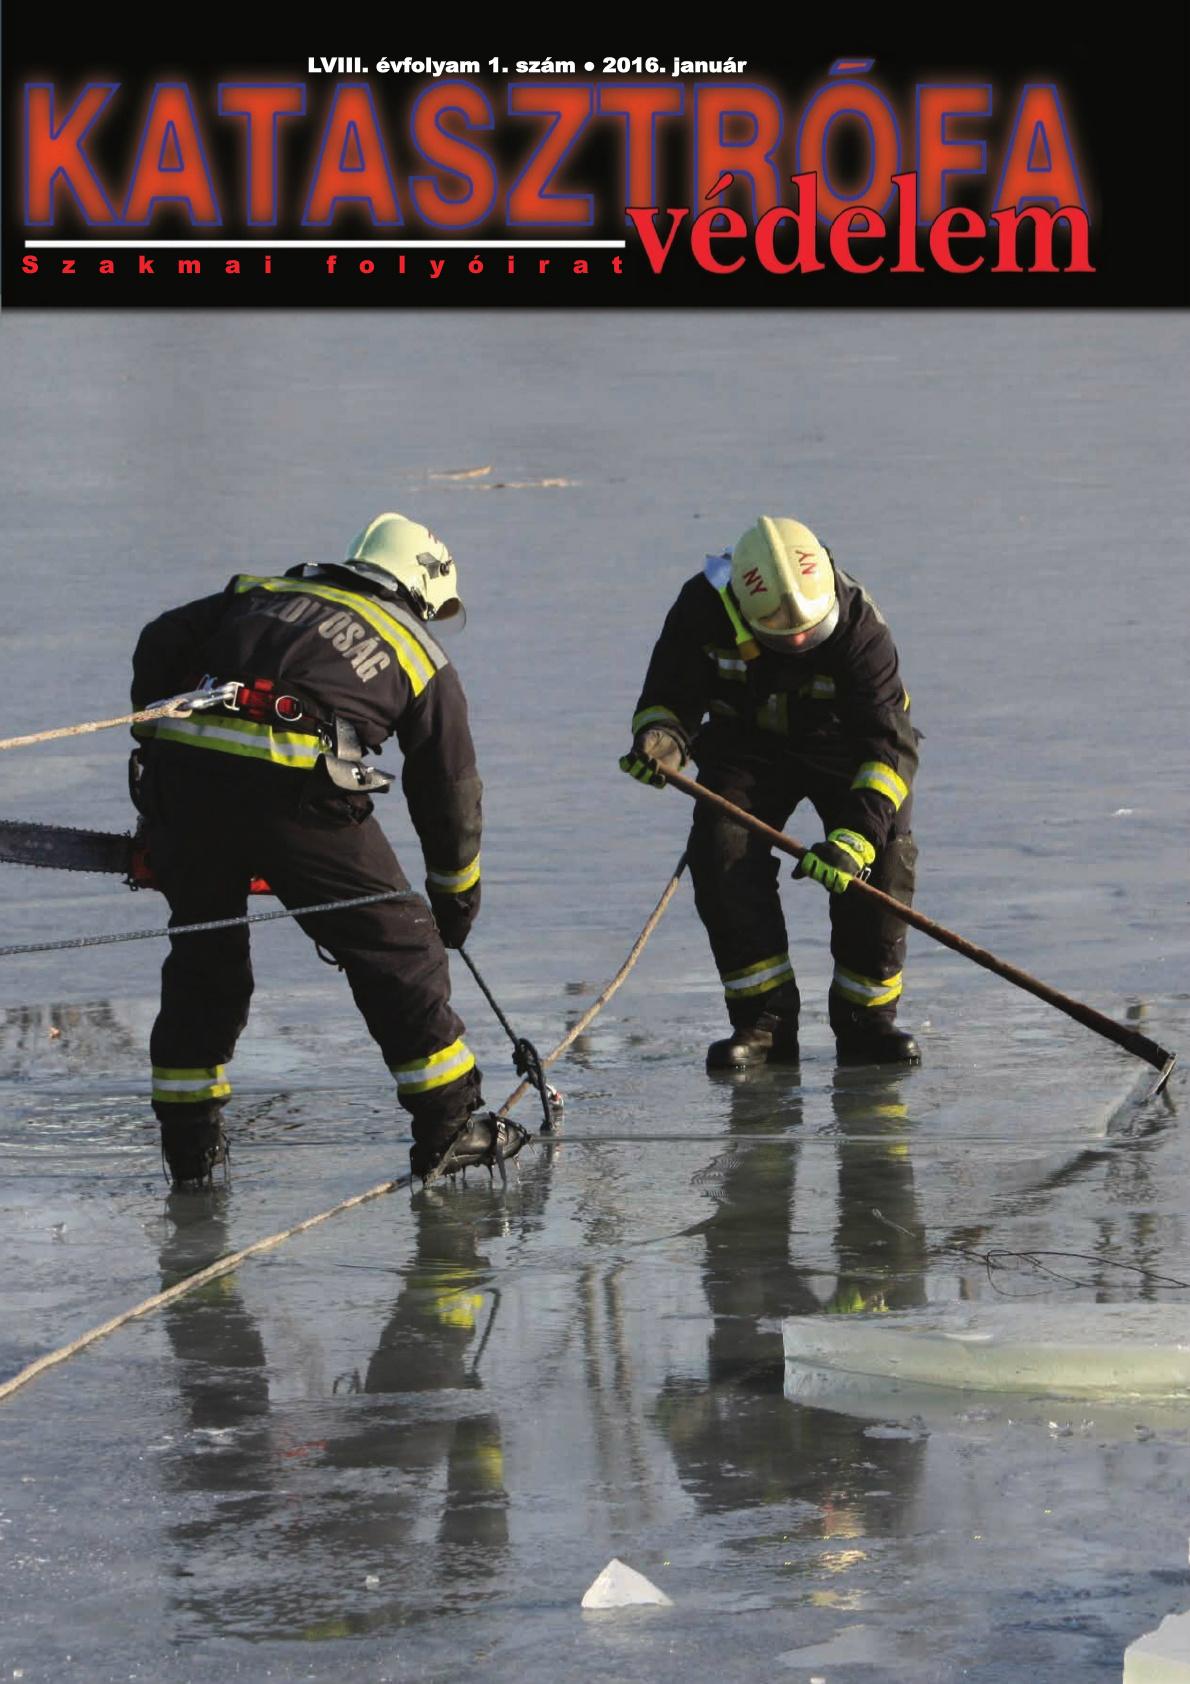 A Katasztrófavédelem magazin LVIII. évfolyam 1. szám megtekintése